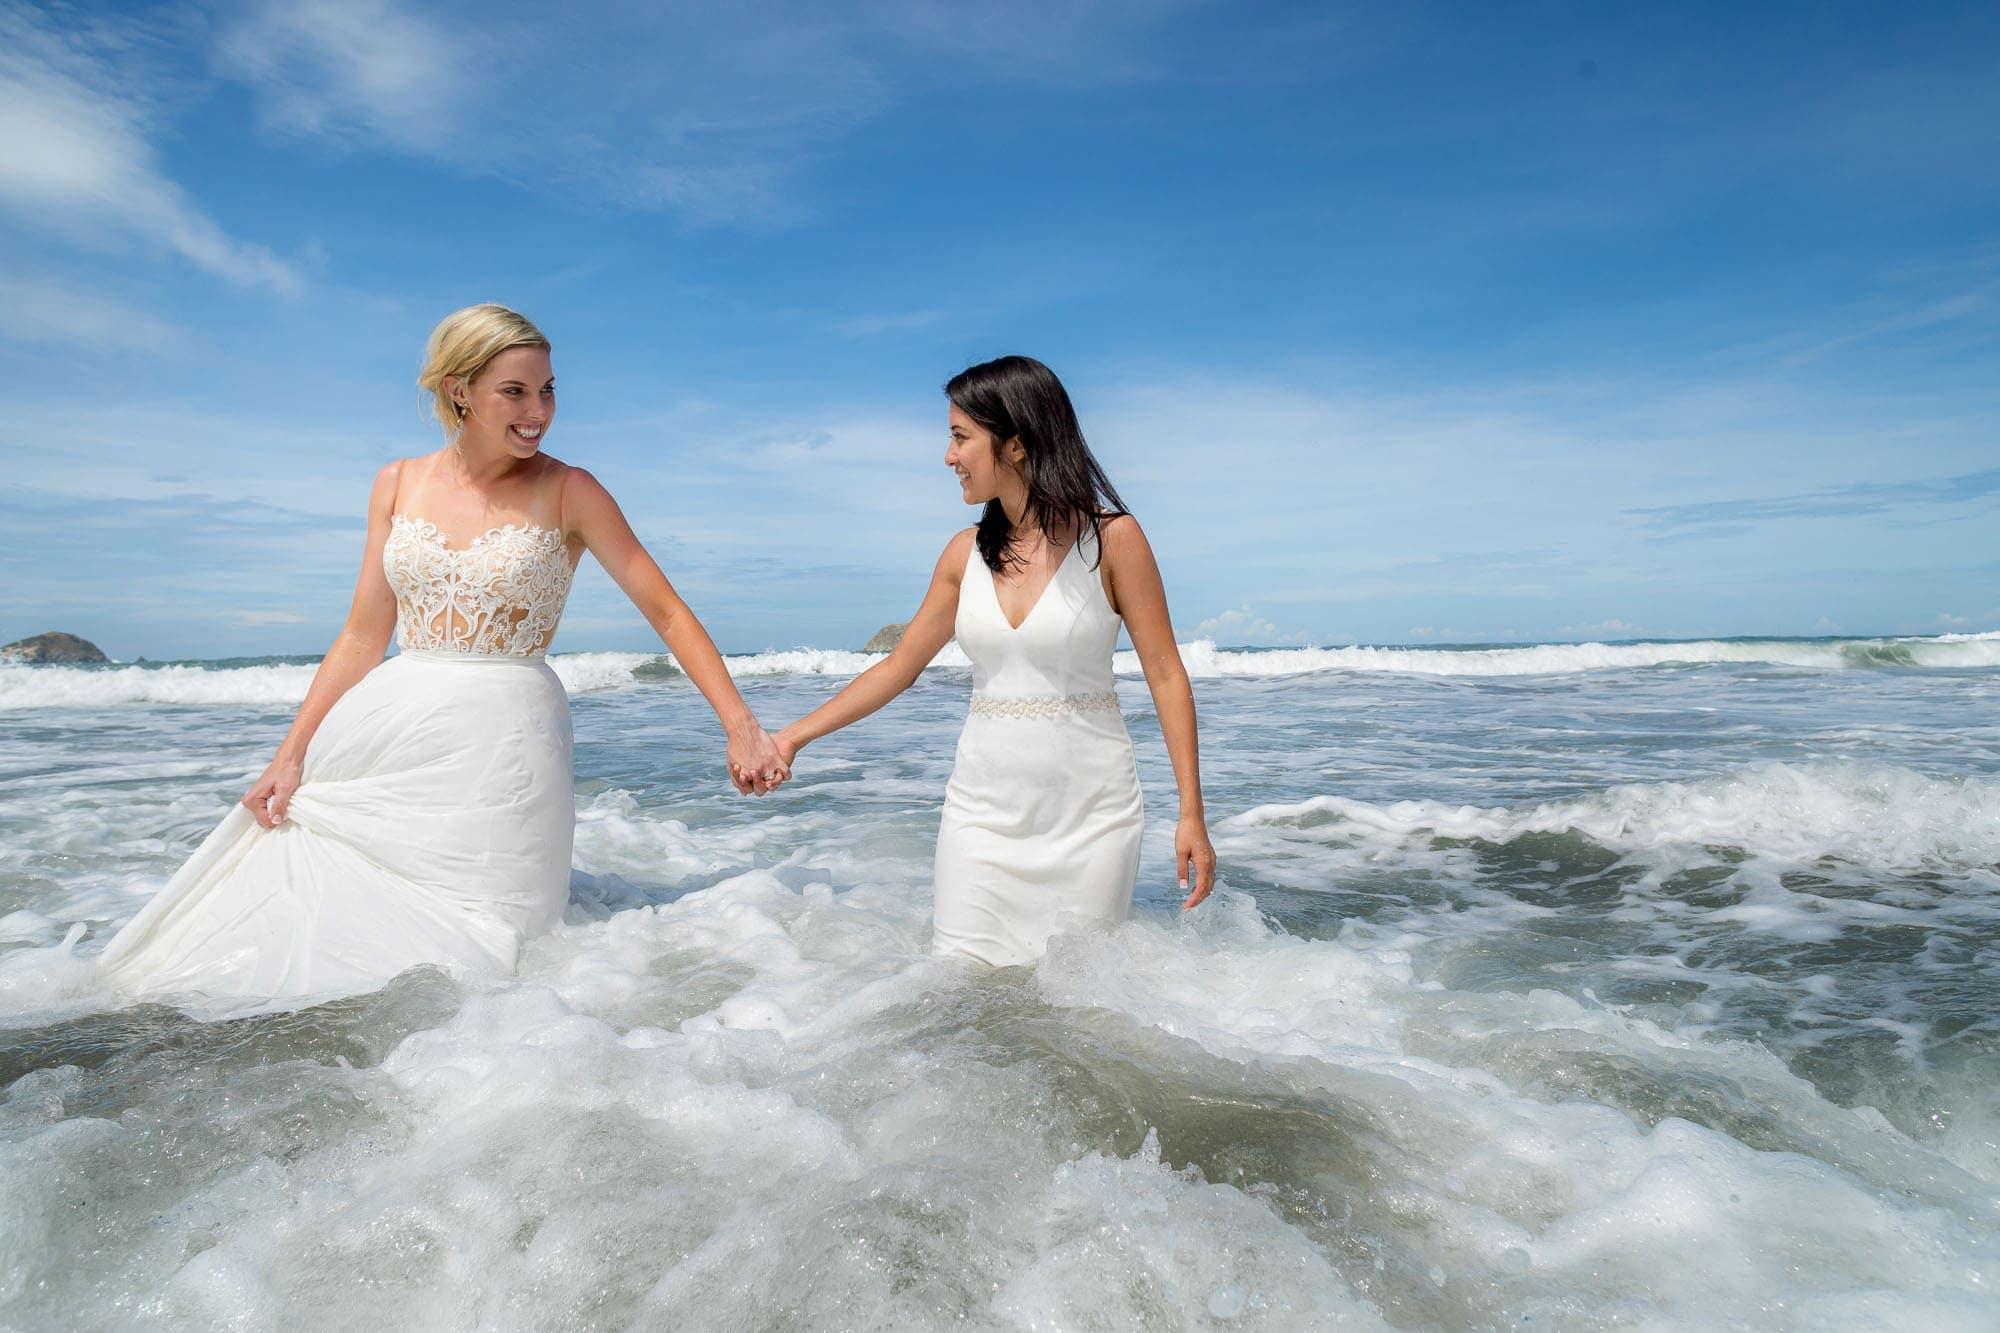 Two brides in Costa Rica